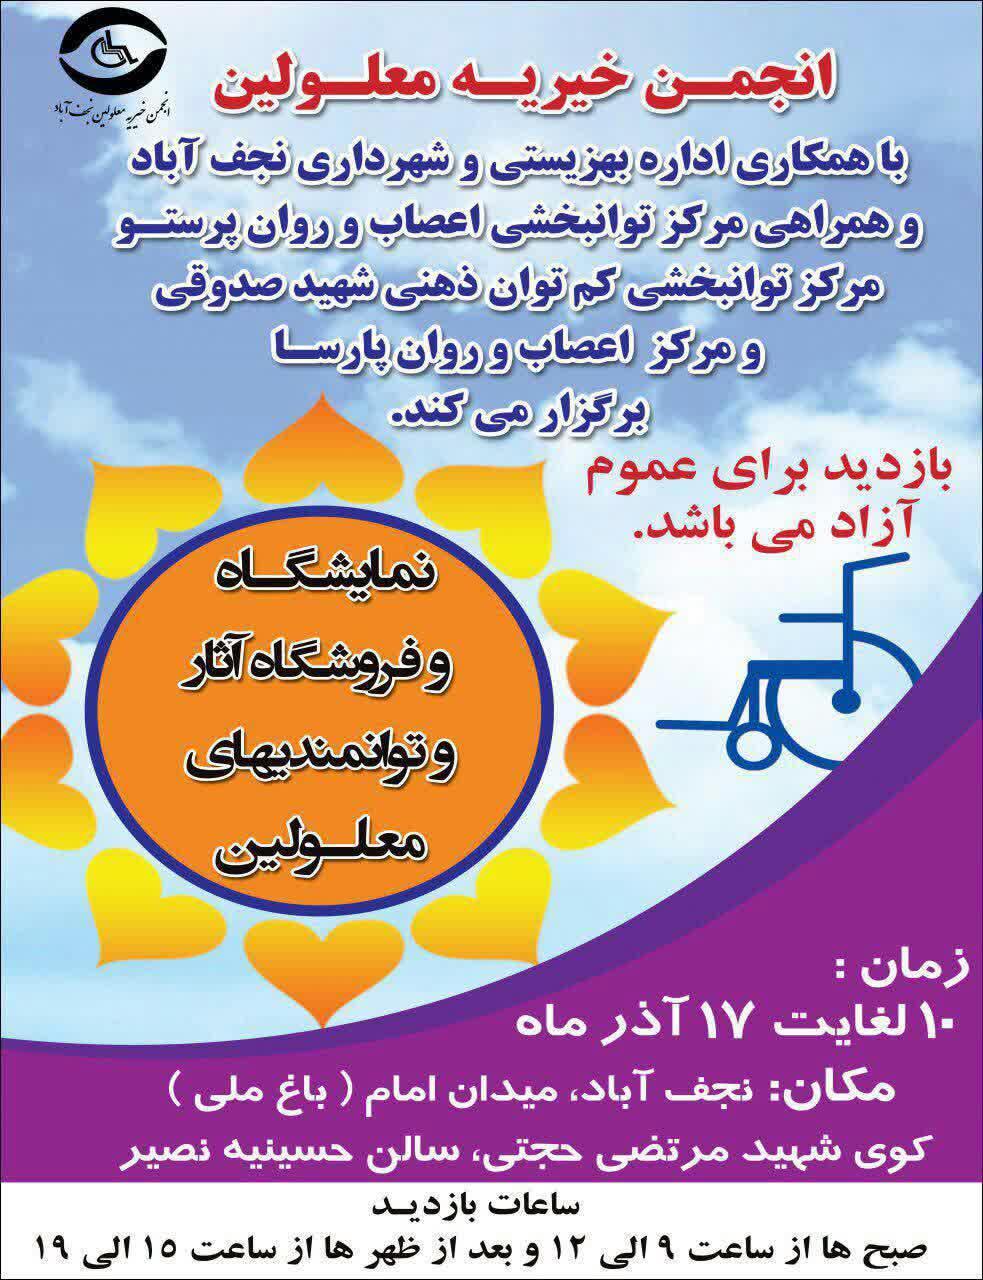 نمایشگاه توانمندی های معلولان نجف آباد+فیلم نمایشگاه توانمندی های معلولان نجف آباد+فیلم نمایشگاه توانمندی های معلولان نجف آباد+فیلم